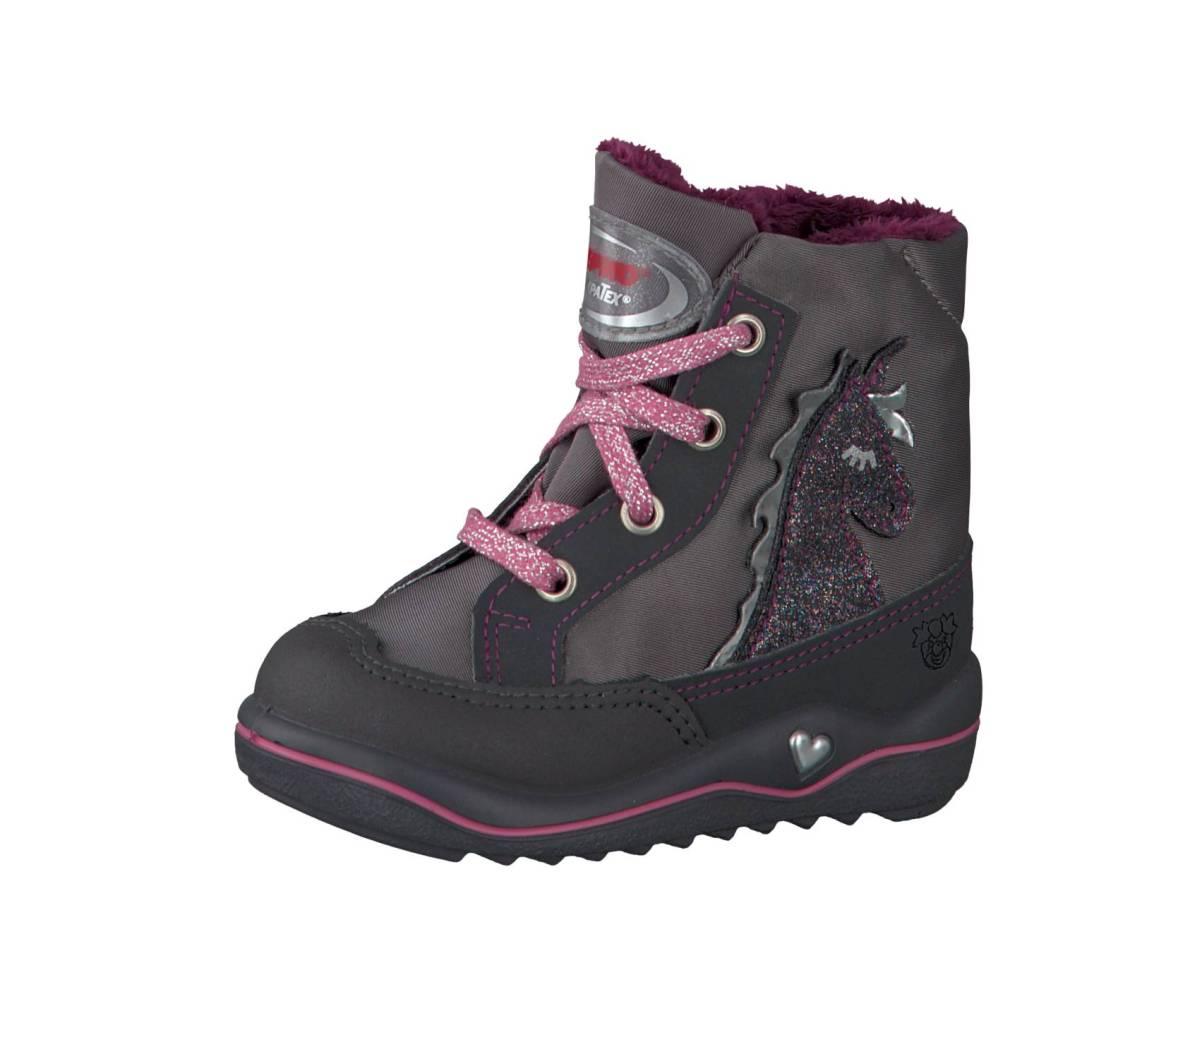 Ricosta Pepino Alina grau rosa (Einhorn) grigio patina Stiefel Jungen Mädchen